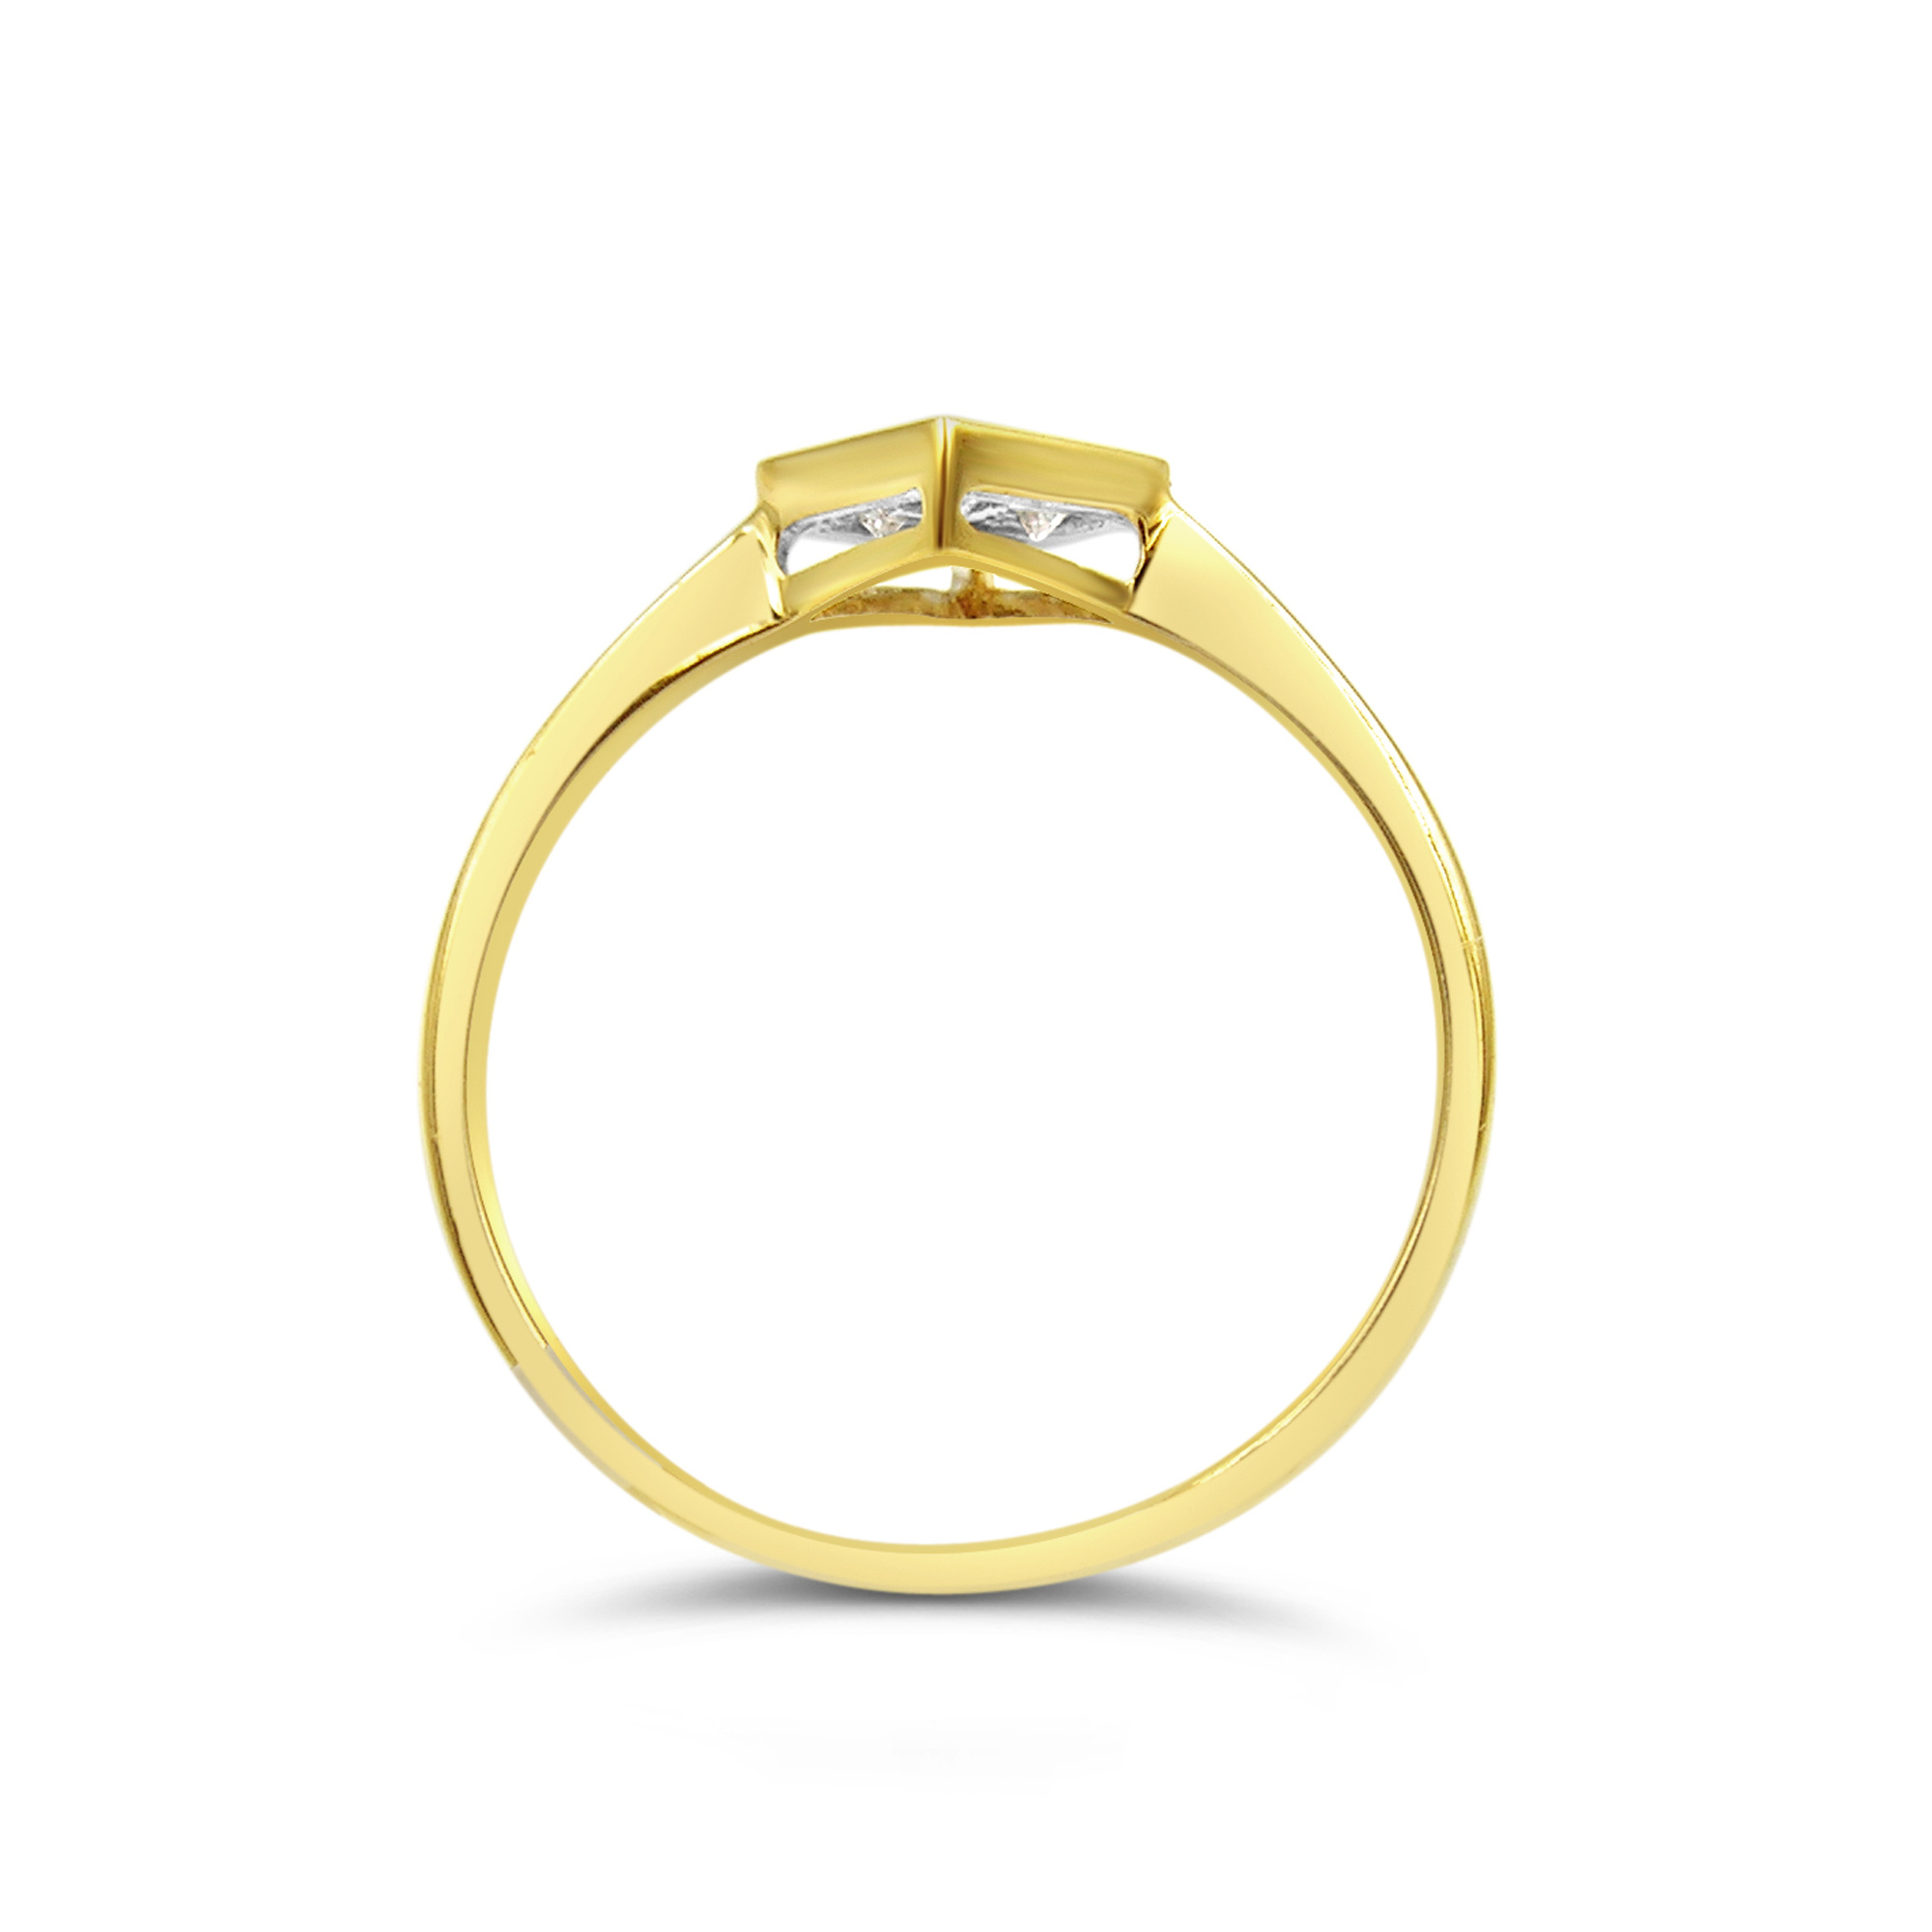 18kt geel goud verlovingsring met 0.21 ct diamant